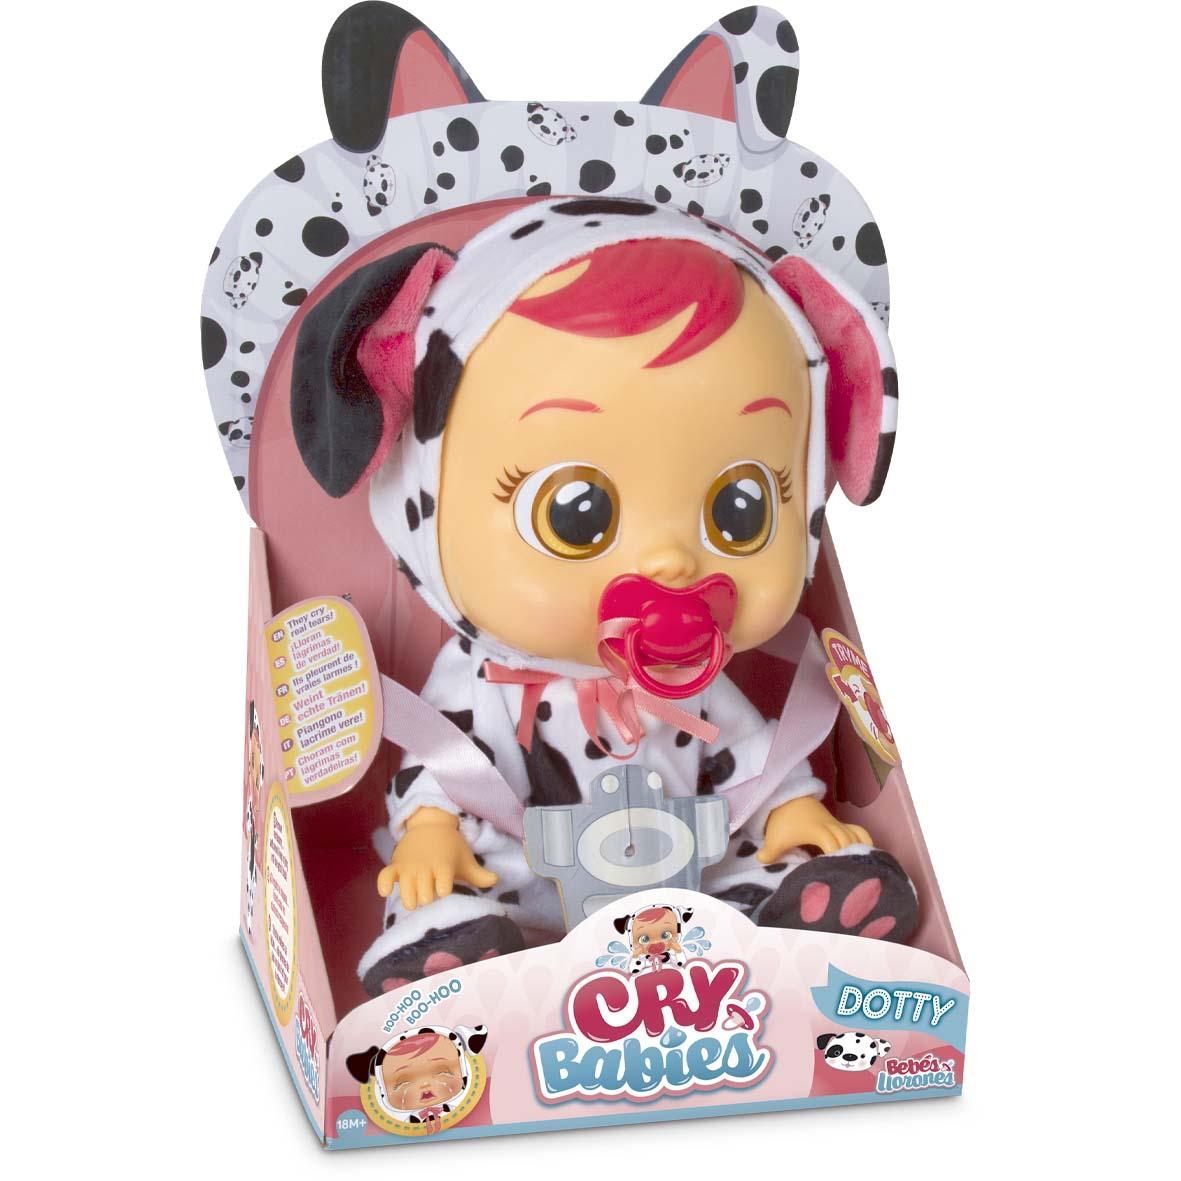 Afbeelding van Cry Babies Dotty